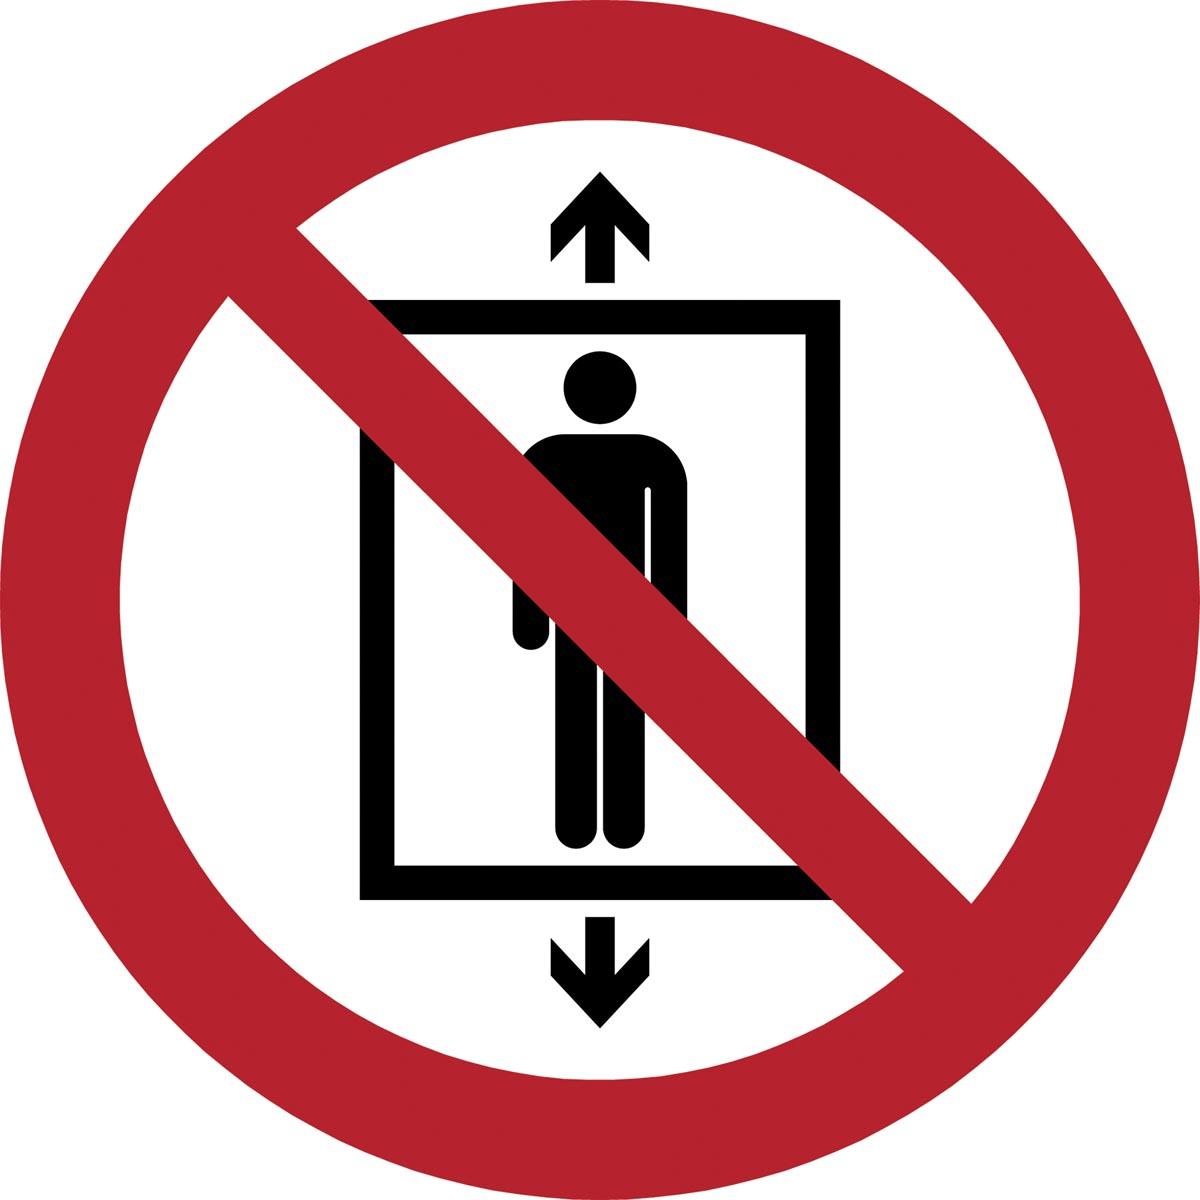 Tarifold verbodsbord uit PP, verboden lift te gebruiken door personen, diameter 20 cm